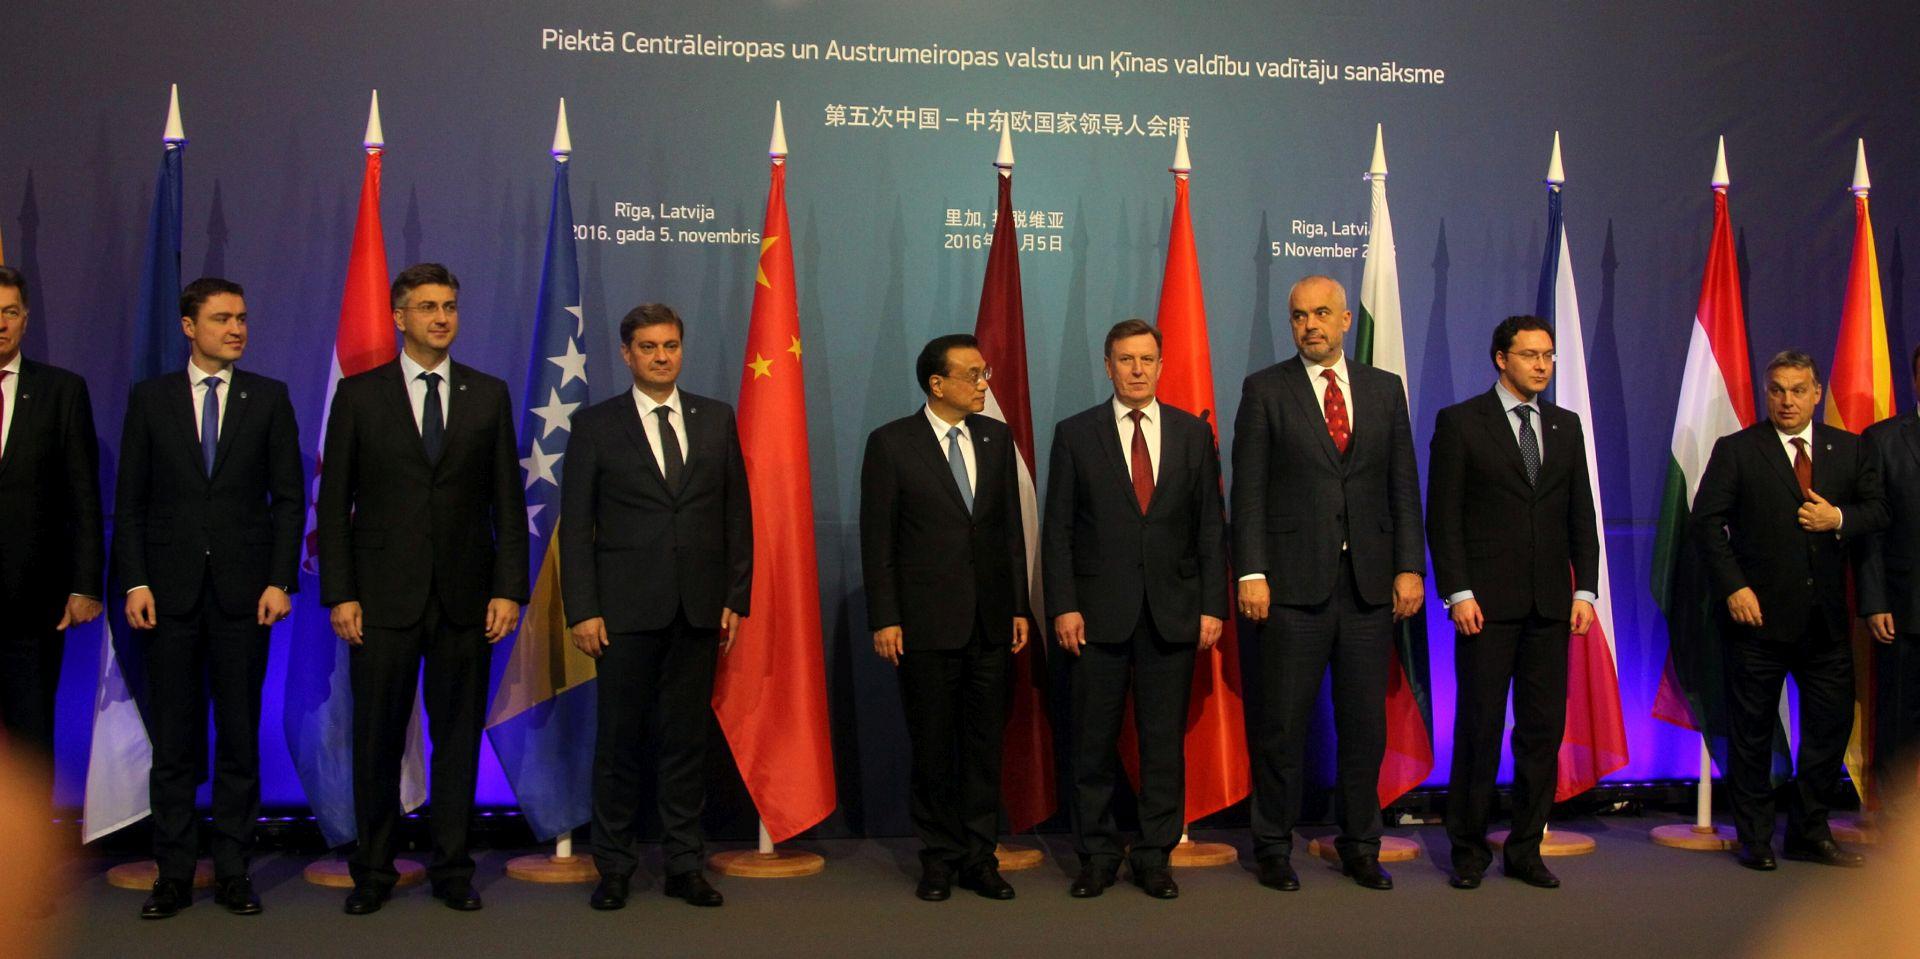 Kina pokreće fond vrijedan 10 milijarda eura za istočnu i središnju Europu